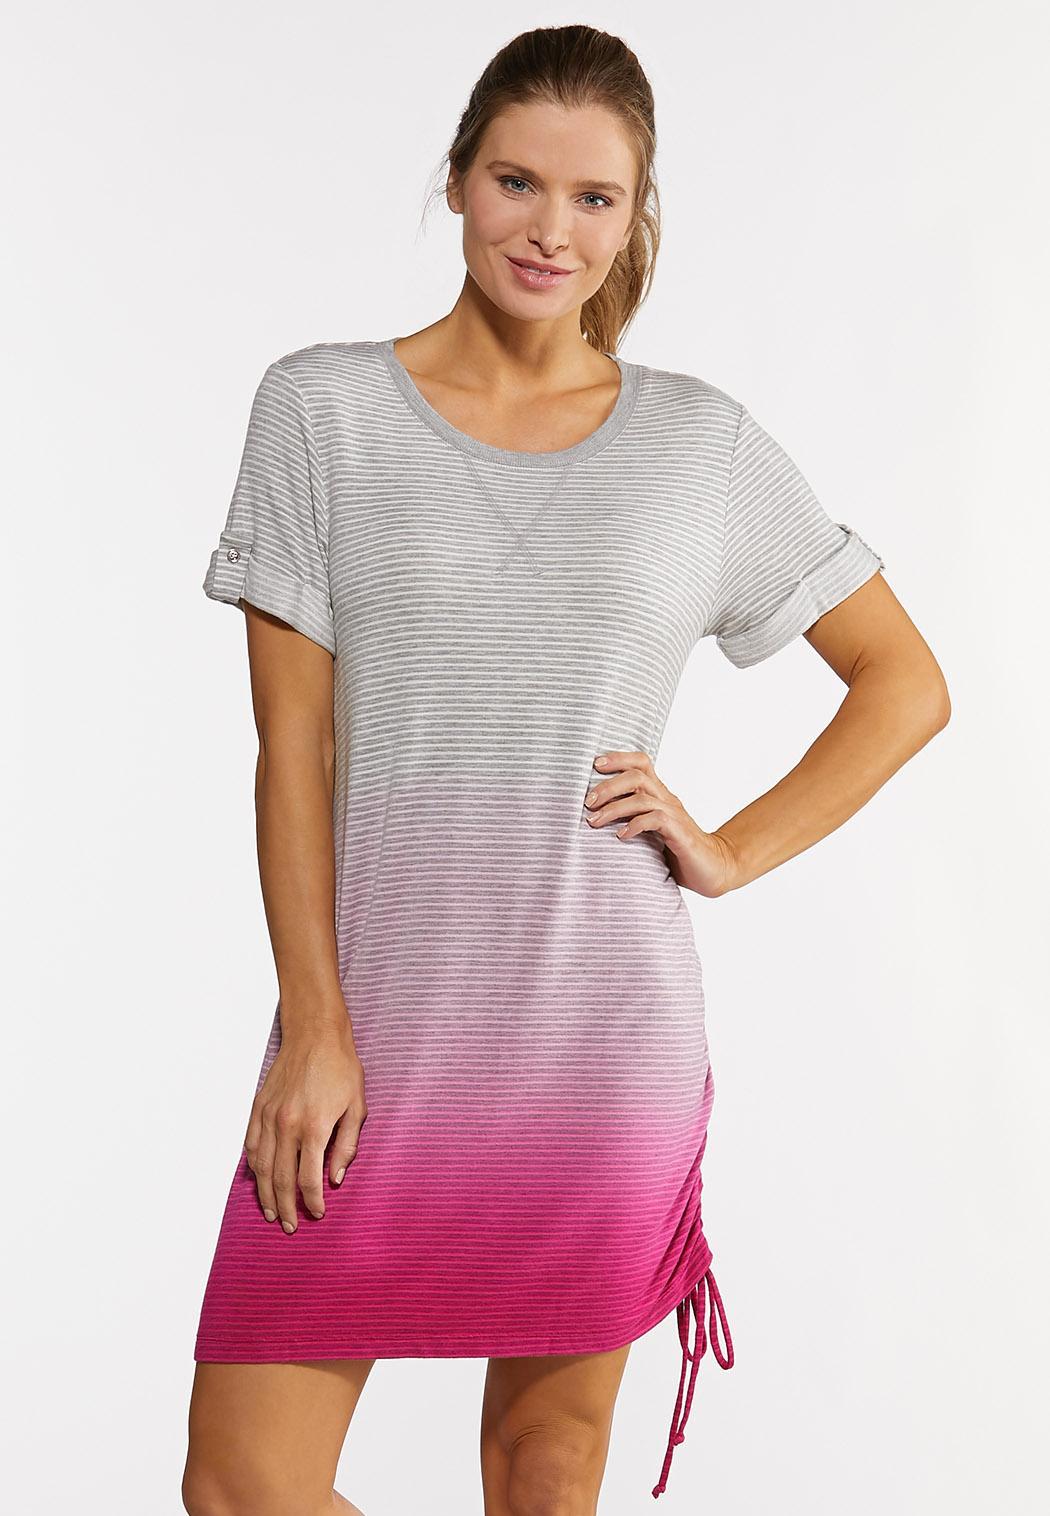 Striped Dip Dye Athleisure Dress